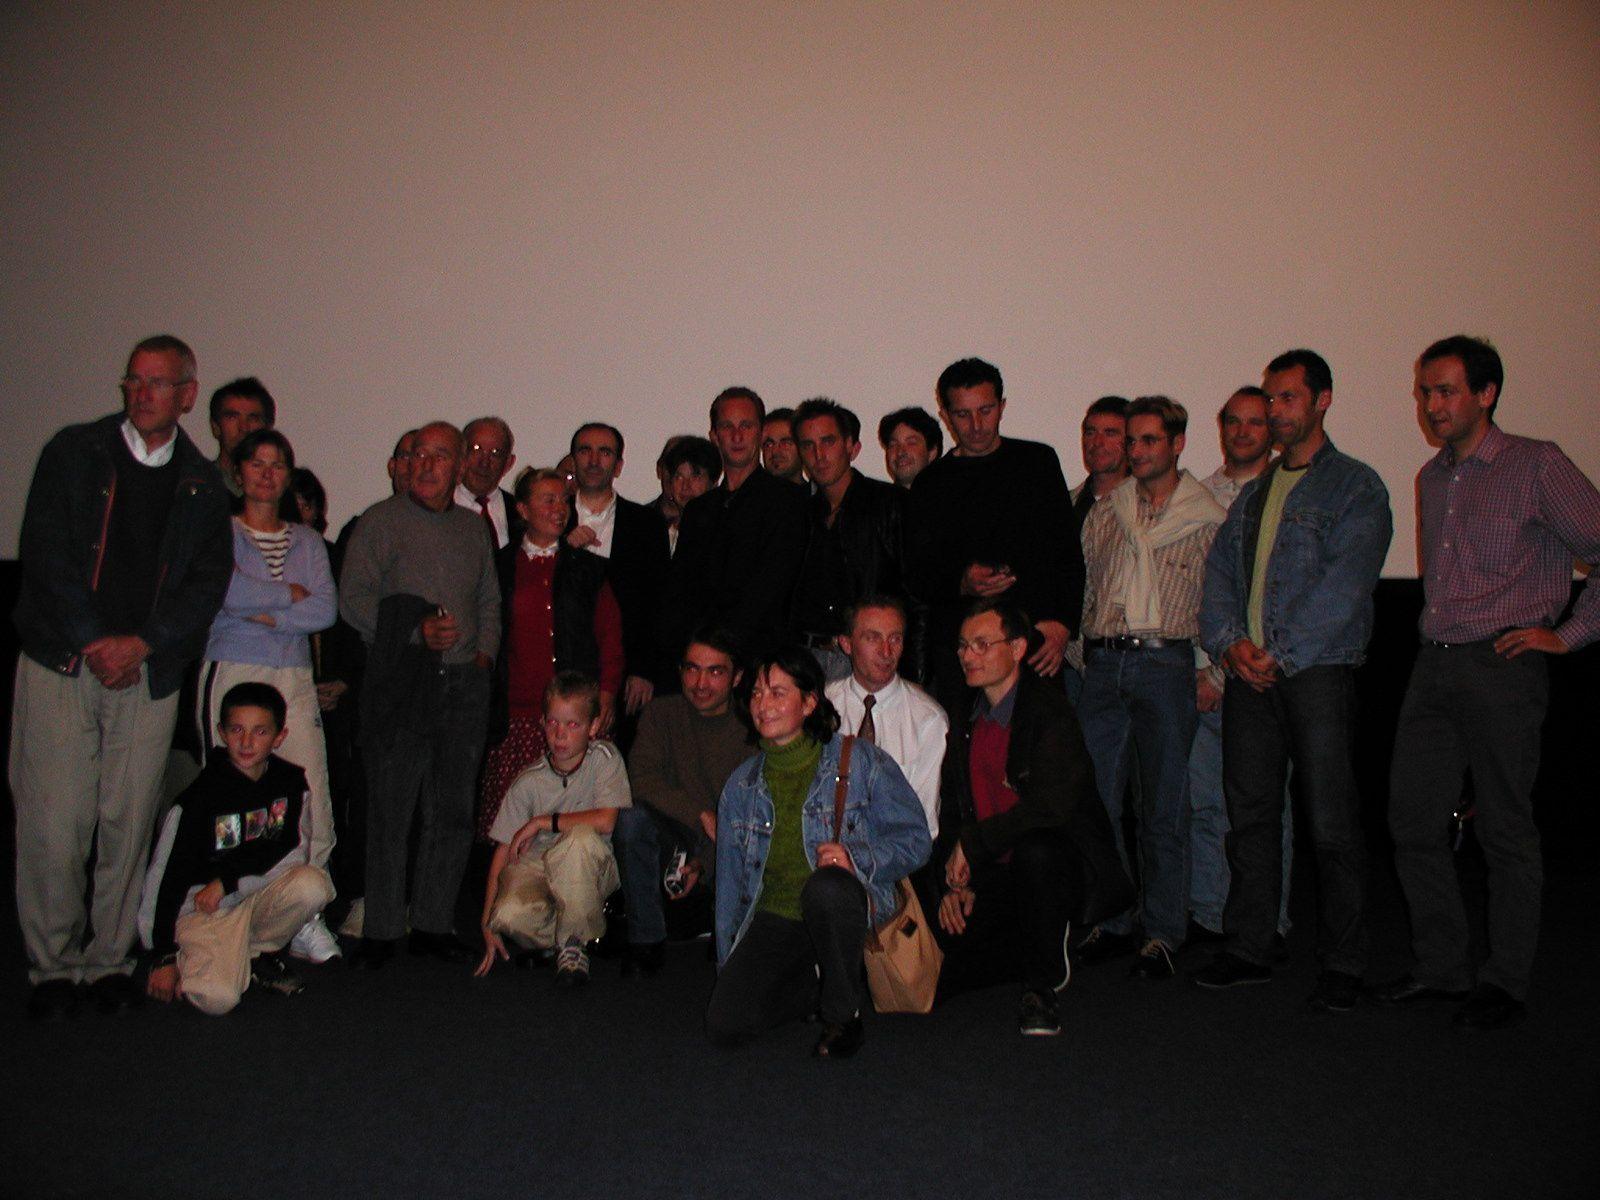 Benoit POELVOORDE et Philippe HAREL pour le film LE VELO DE GHISLAIN LAMBERT à DINAN (PHOTOS)